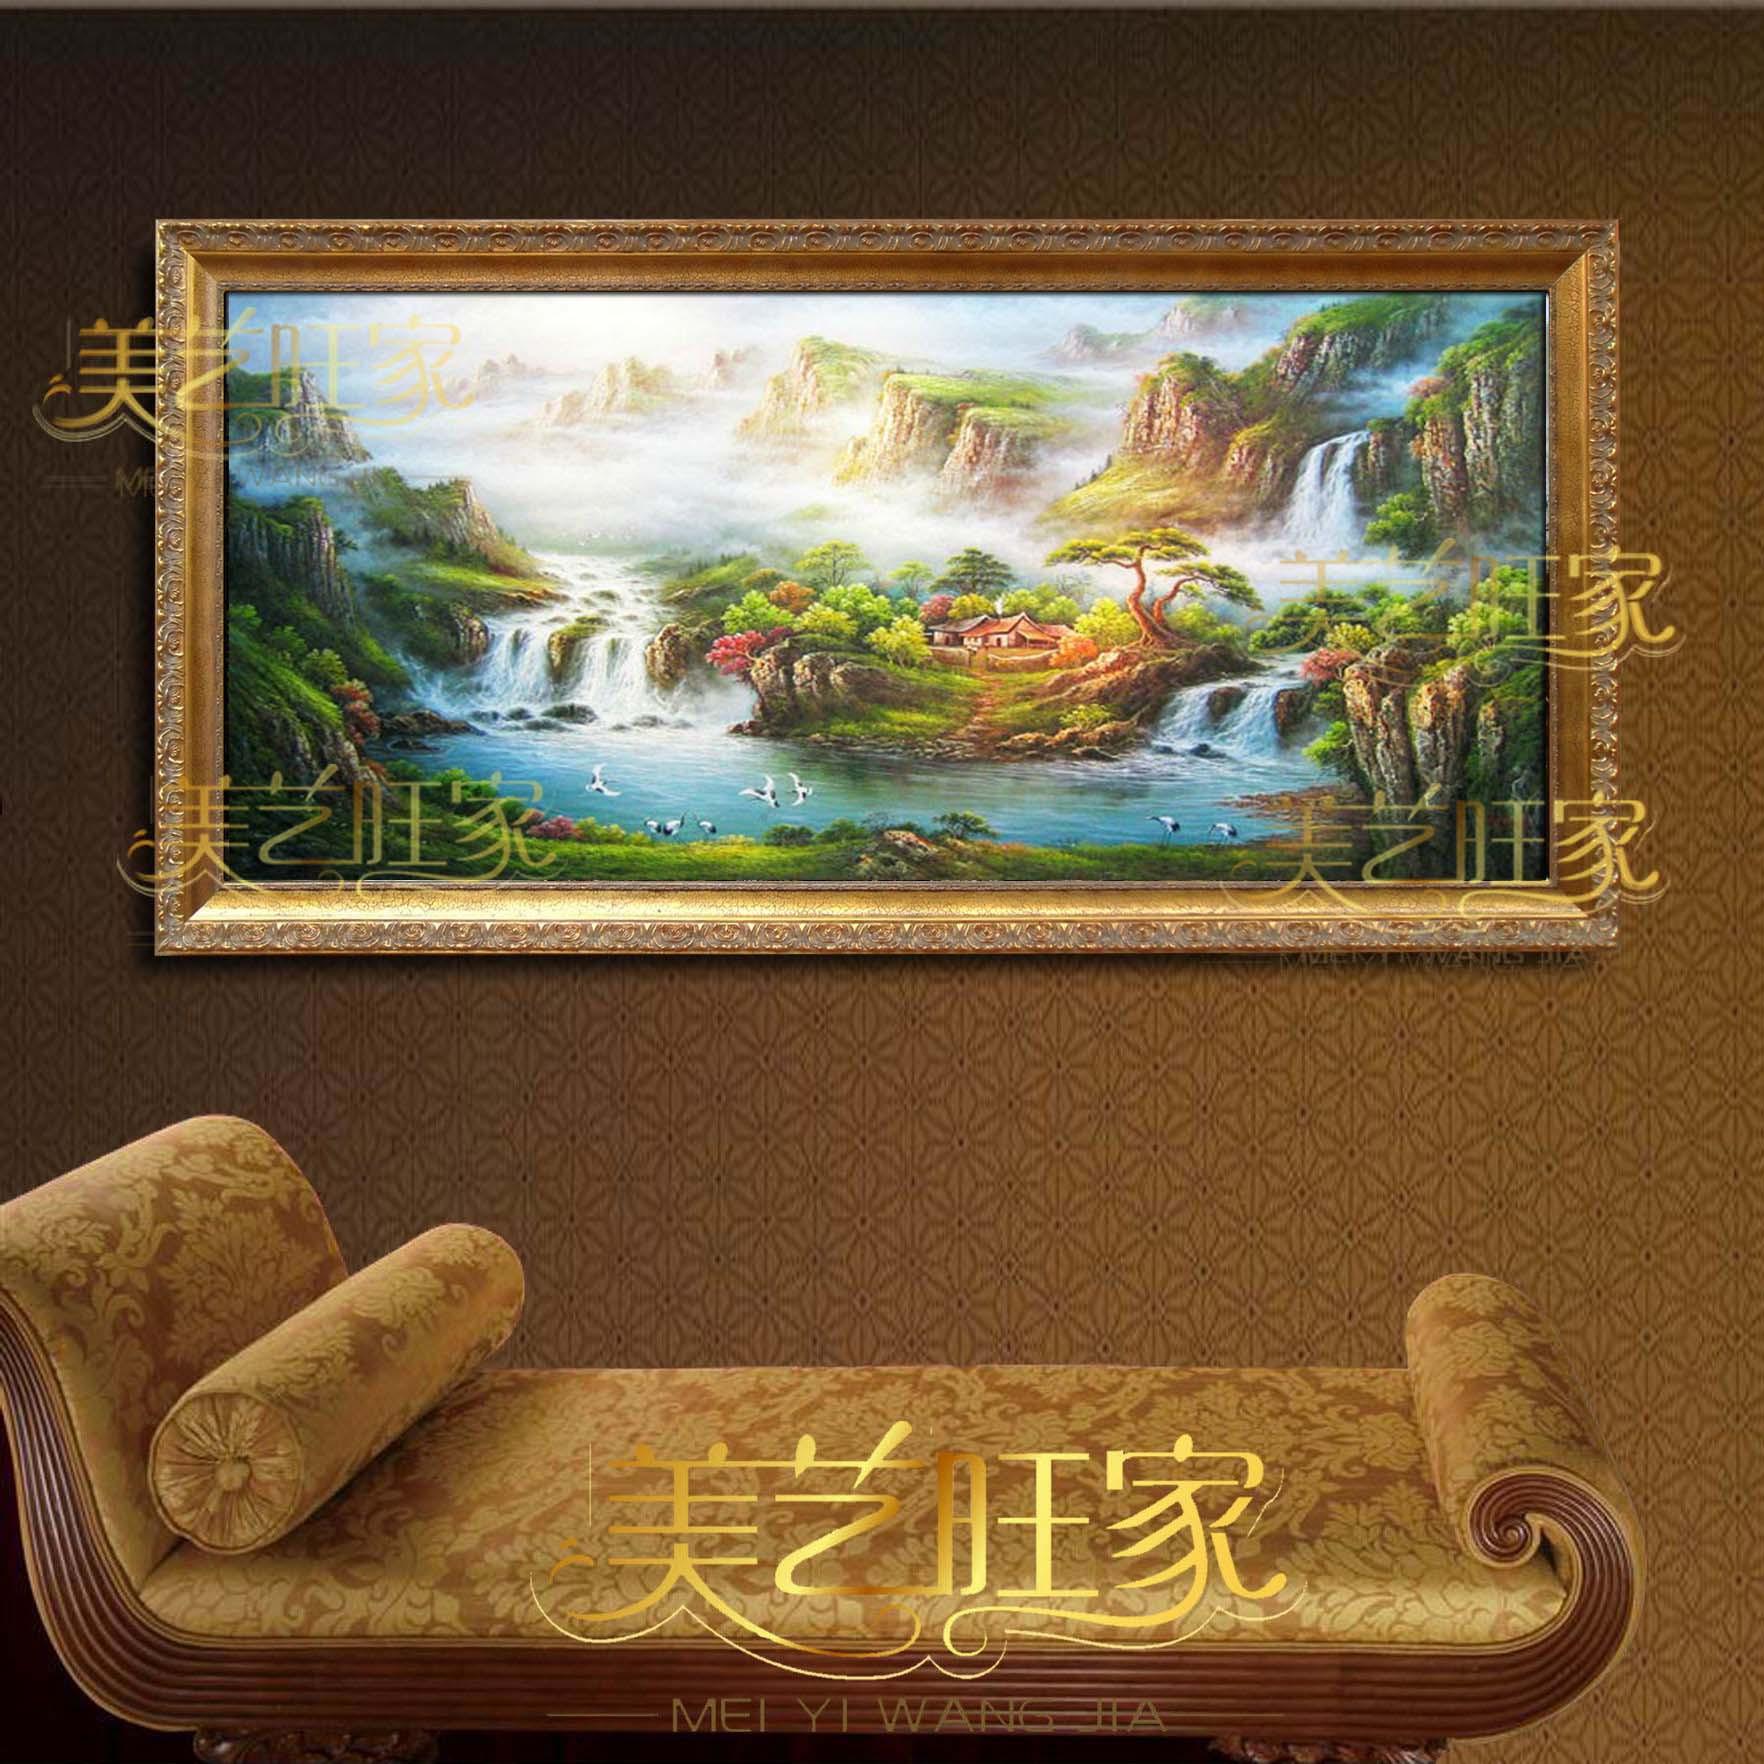 美艺旺家 立体有框单幅风景手绘 jbp01油画